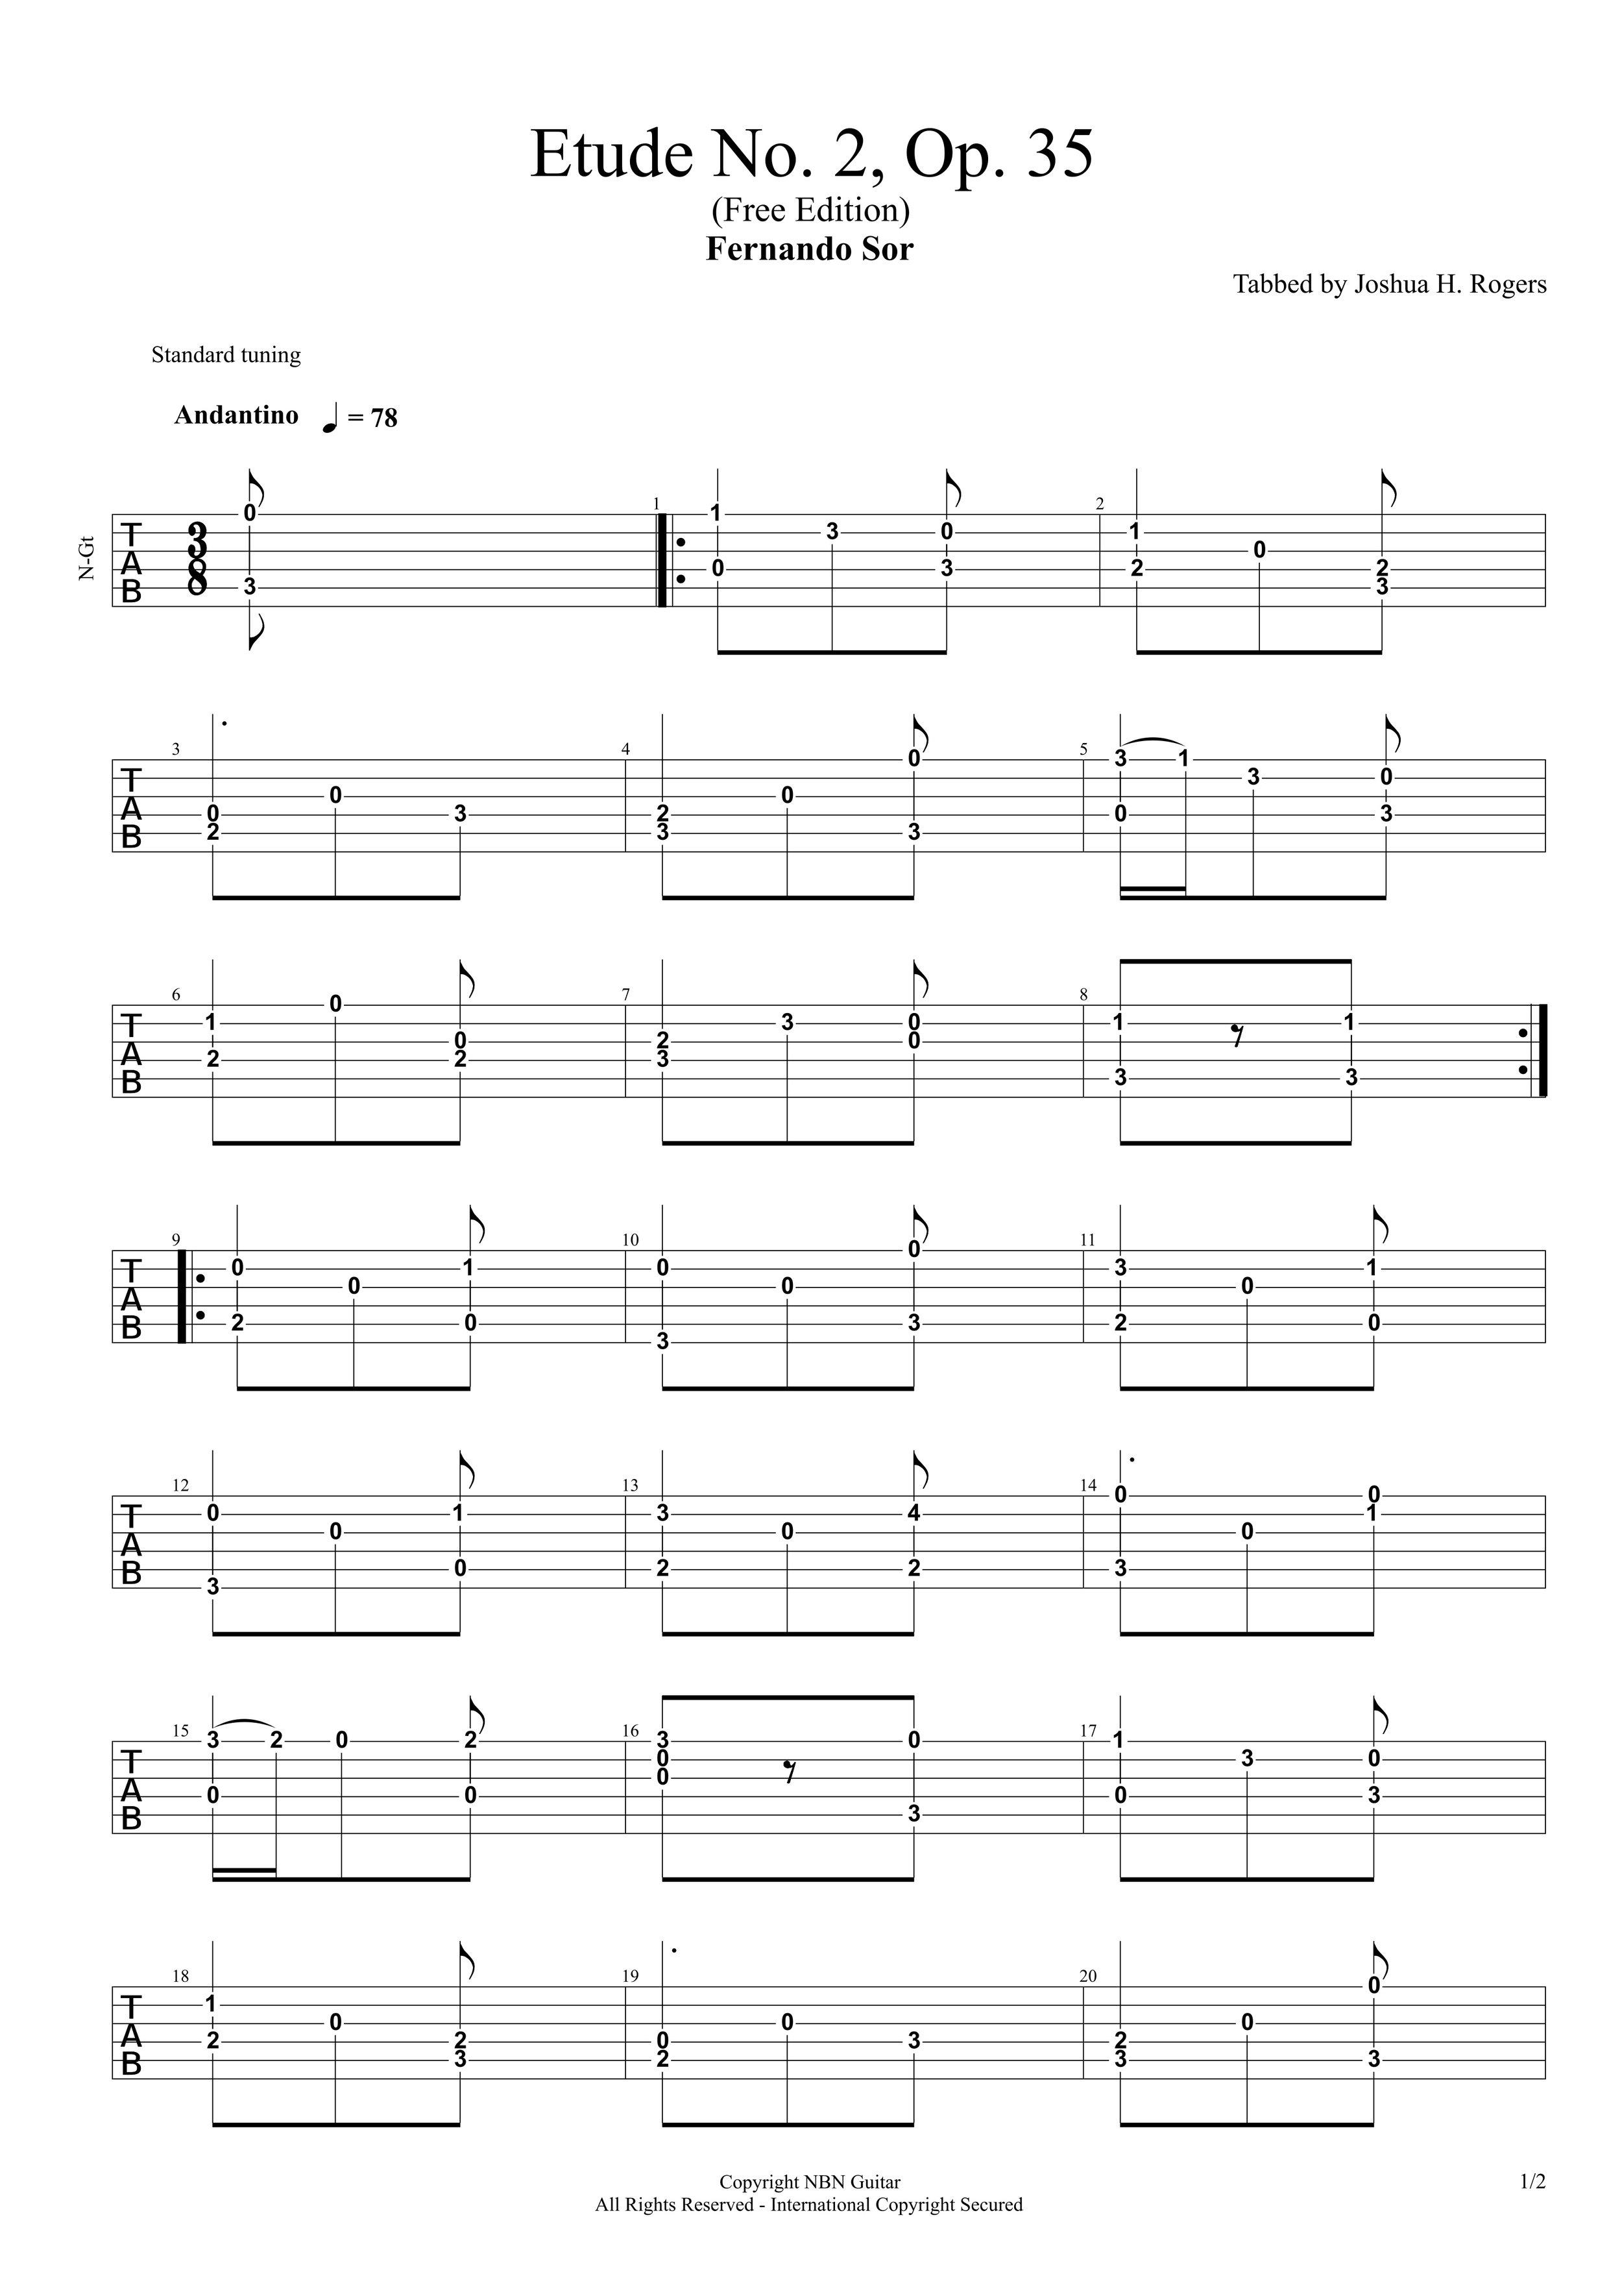 Etude No. 2, Op. 35 (Tabs)-p3.jpg